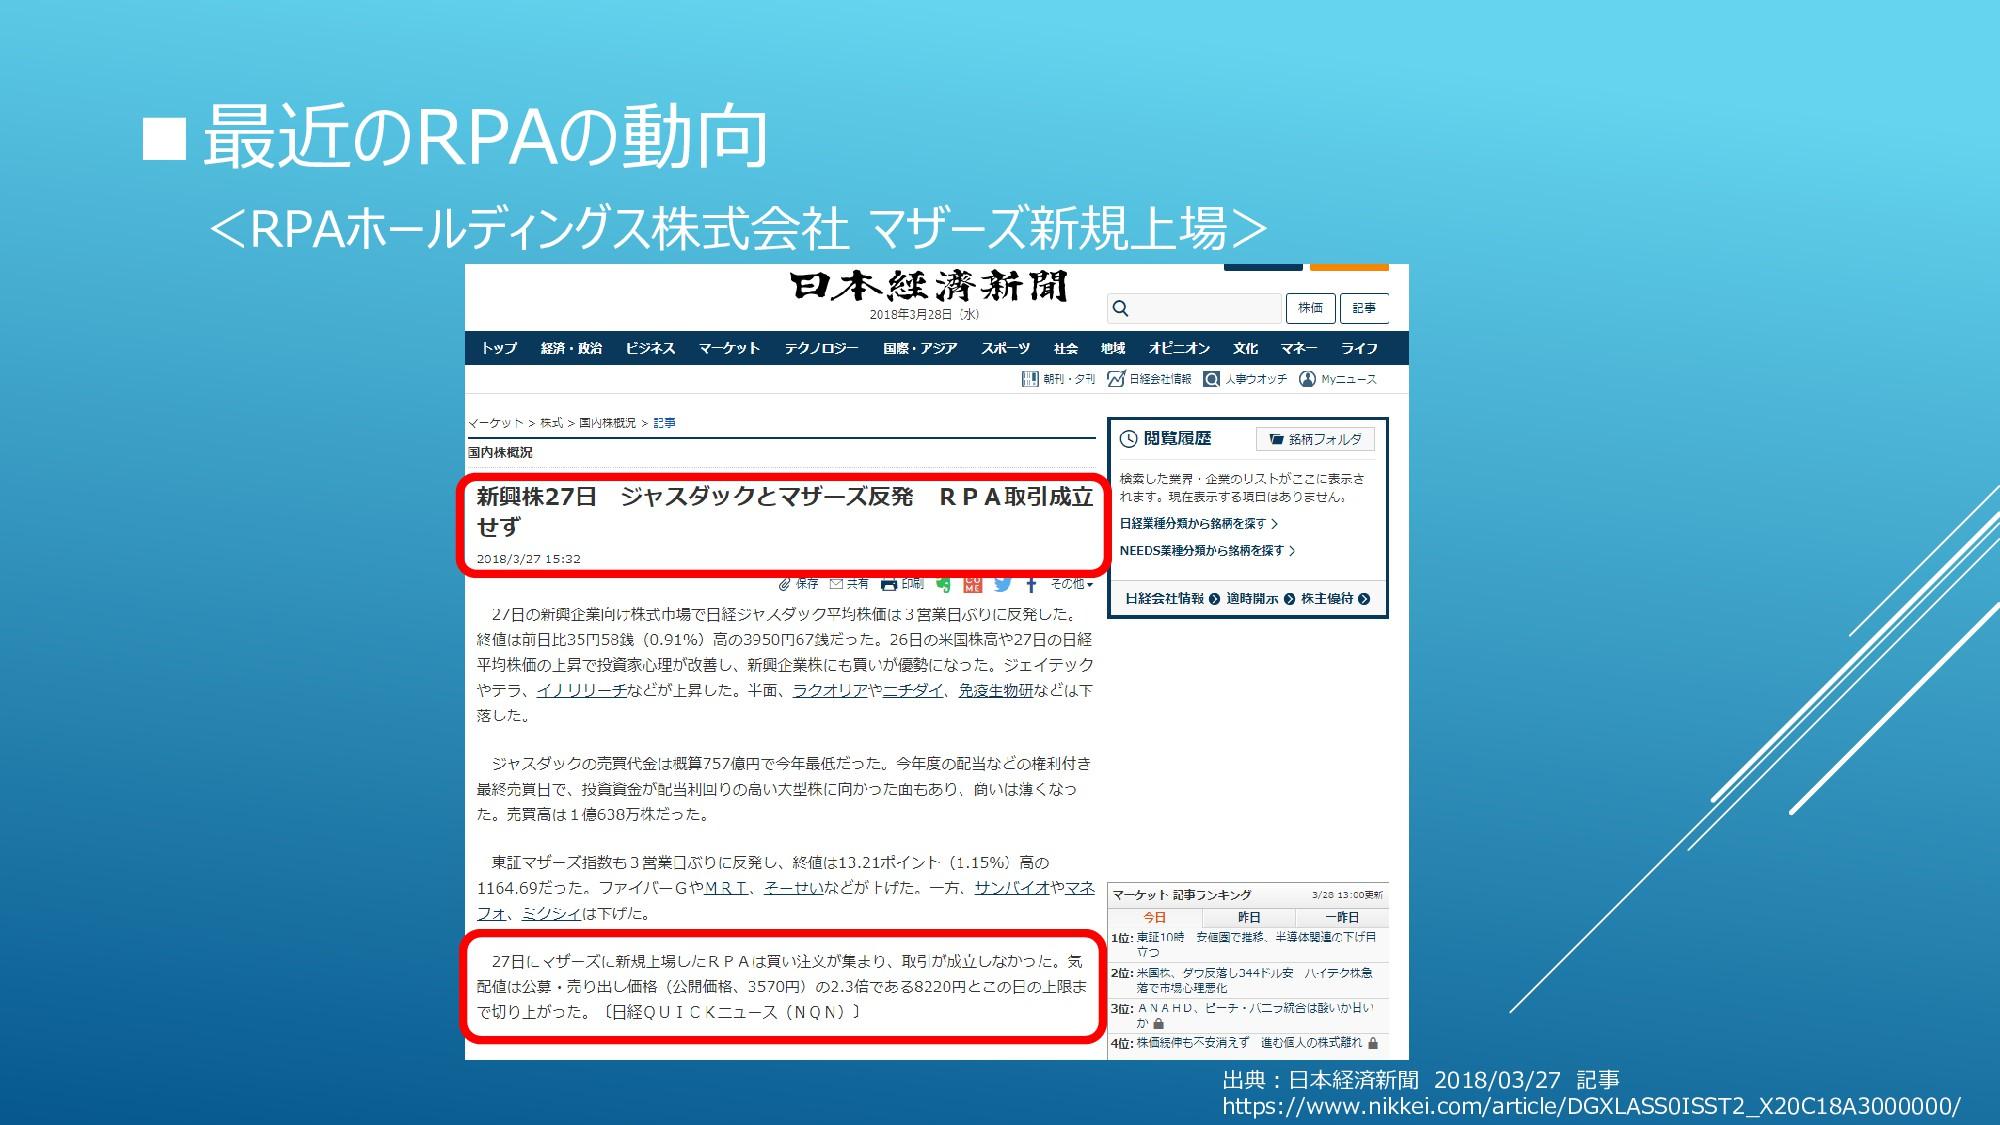 ■最近のRPAの動向 <RPAホールディングス株式会社 マザーズ新規上場> 出典:日本経済新聞...